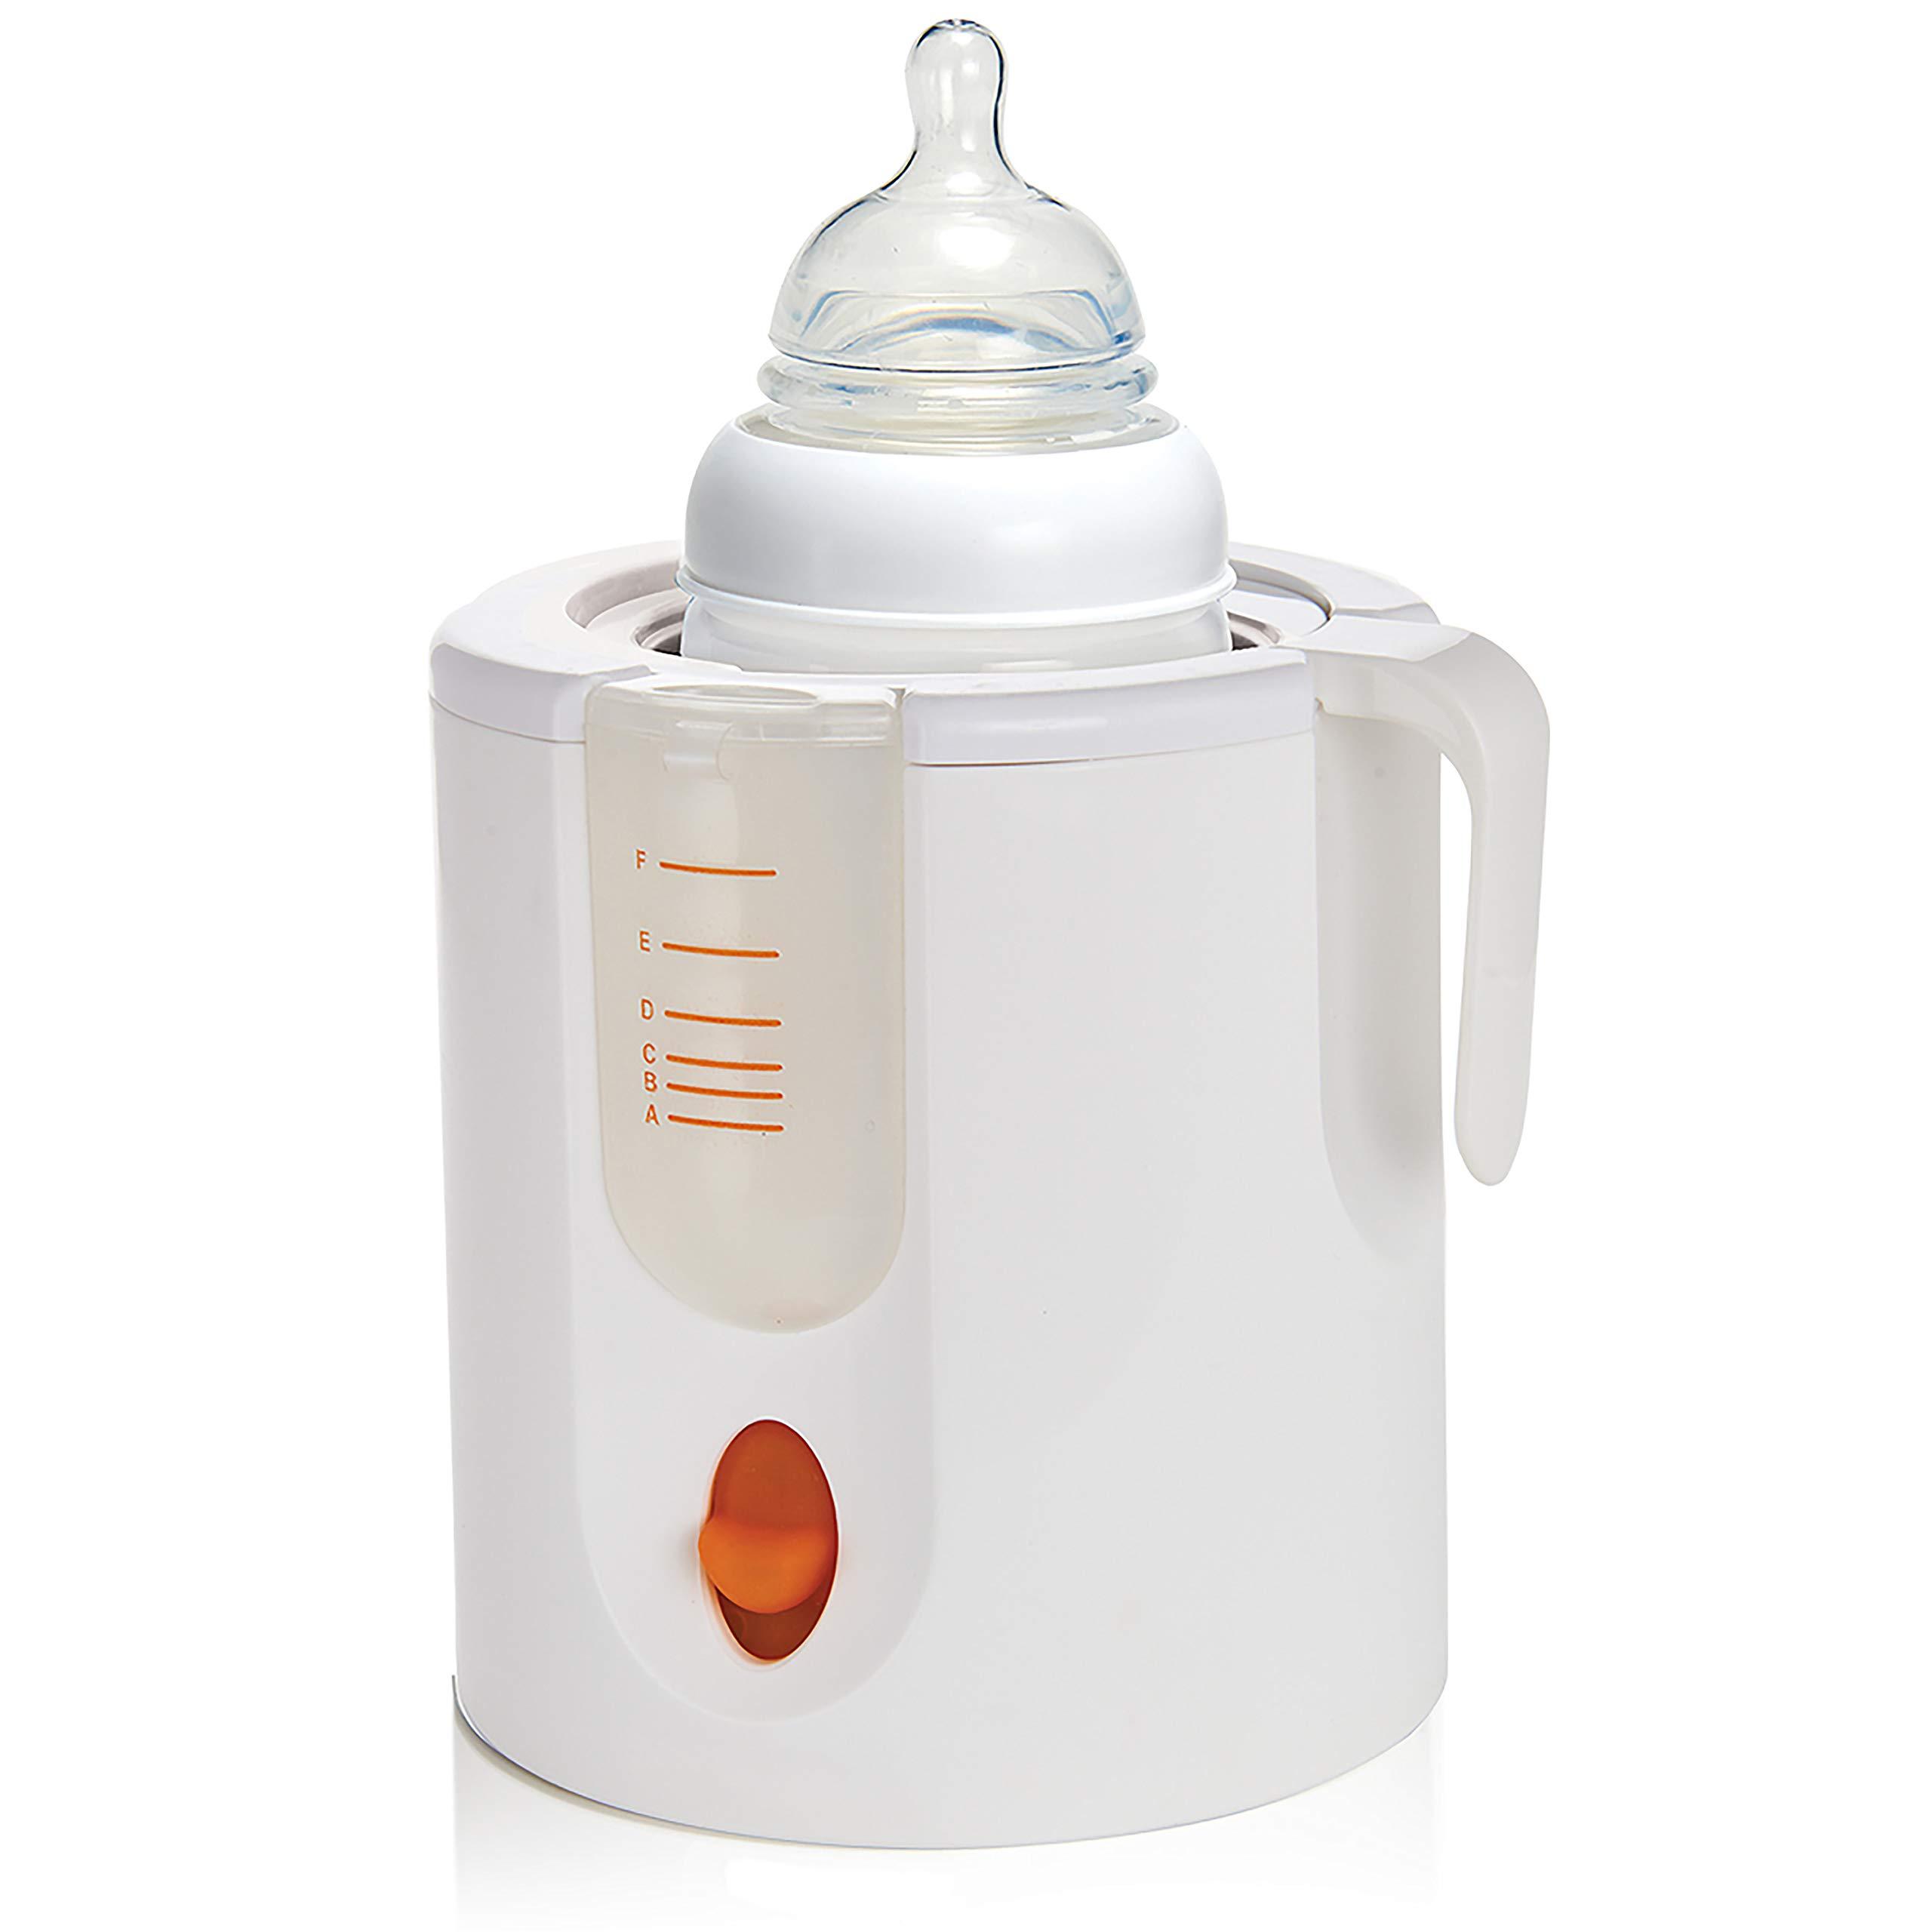 Munchkin Latch High Speed Steam Baby Bottle Warmer by Munchkin